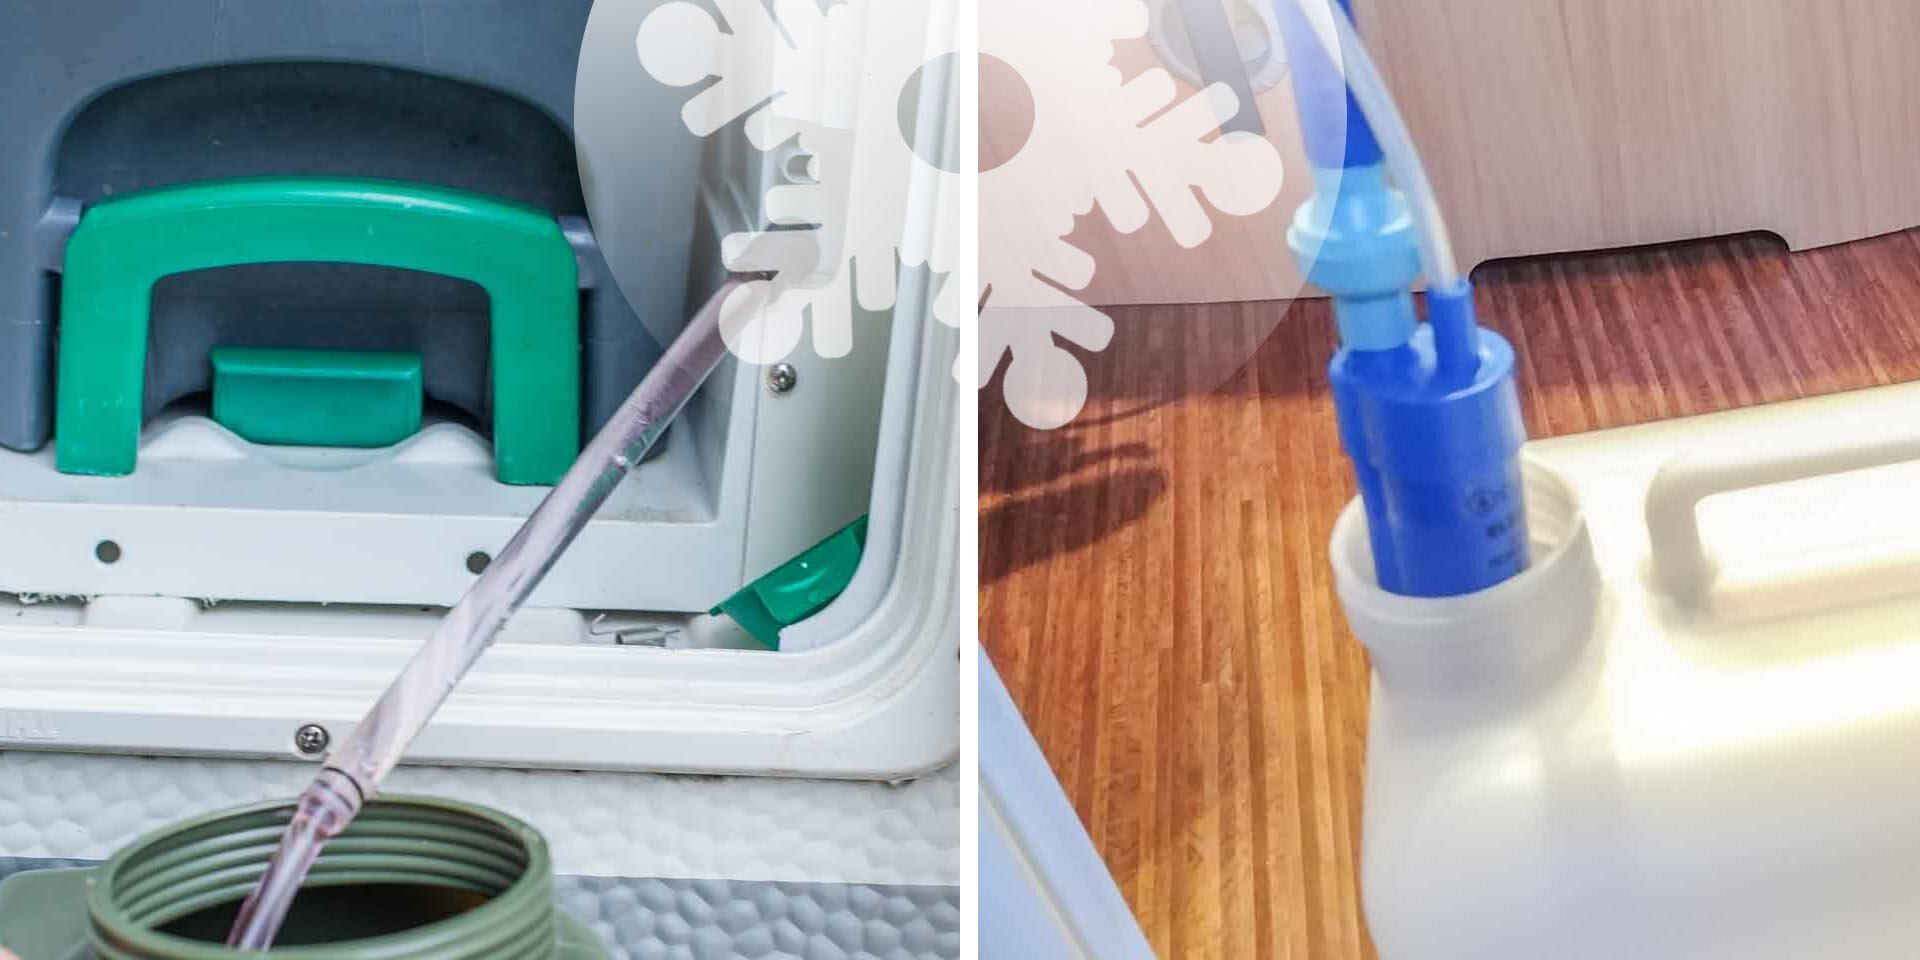 Wohnwagen Wasserversorgung im Winter Wintercamping Tipps Wassertank Toilette winterfest machen Winter Frostschutz Frost Wasser gefriert